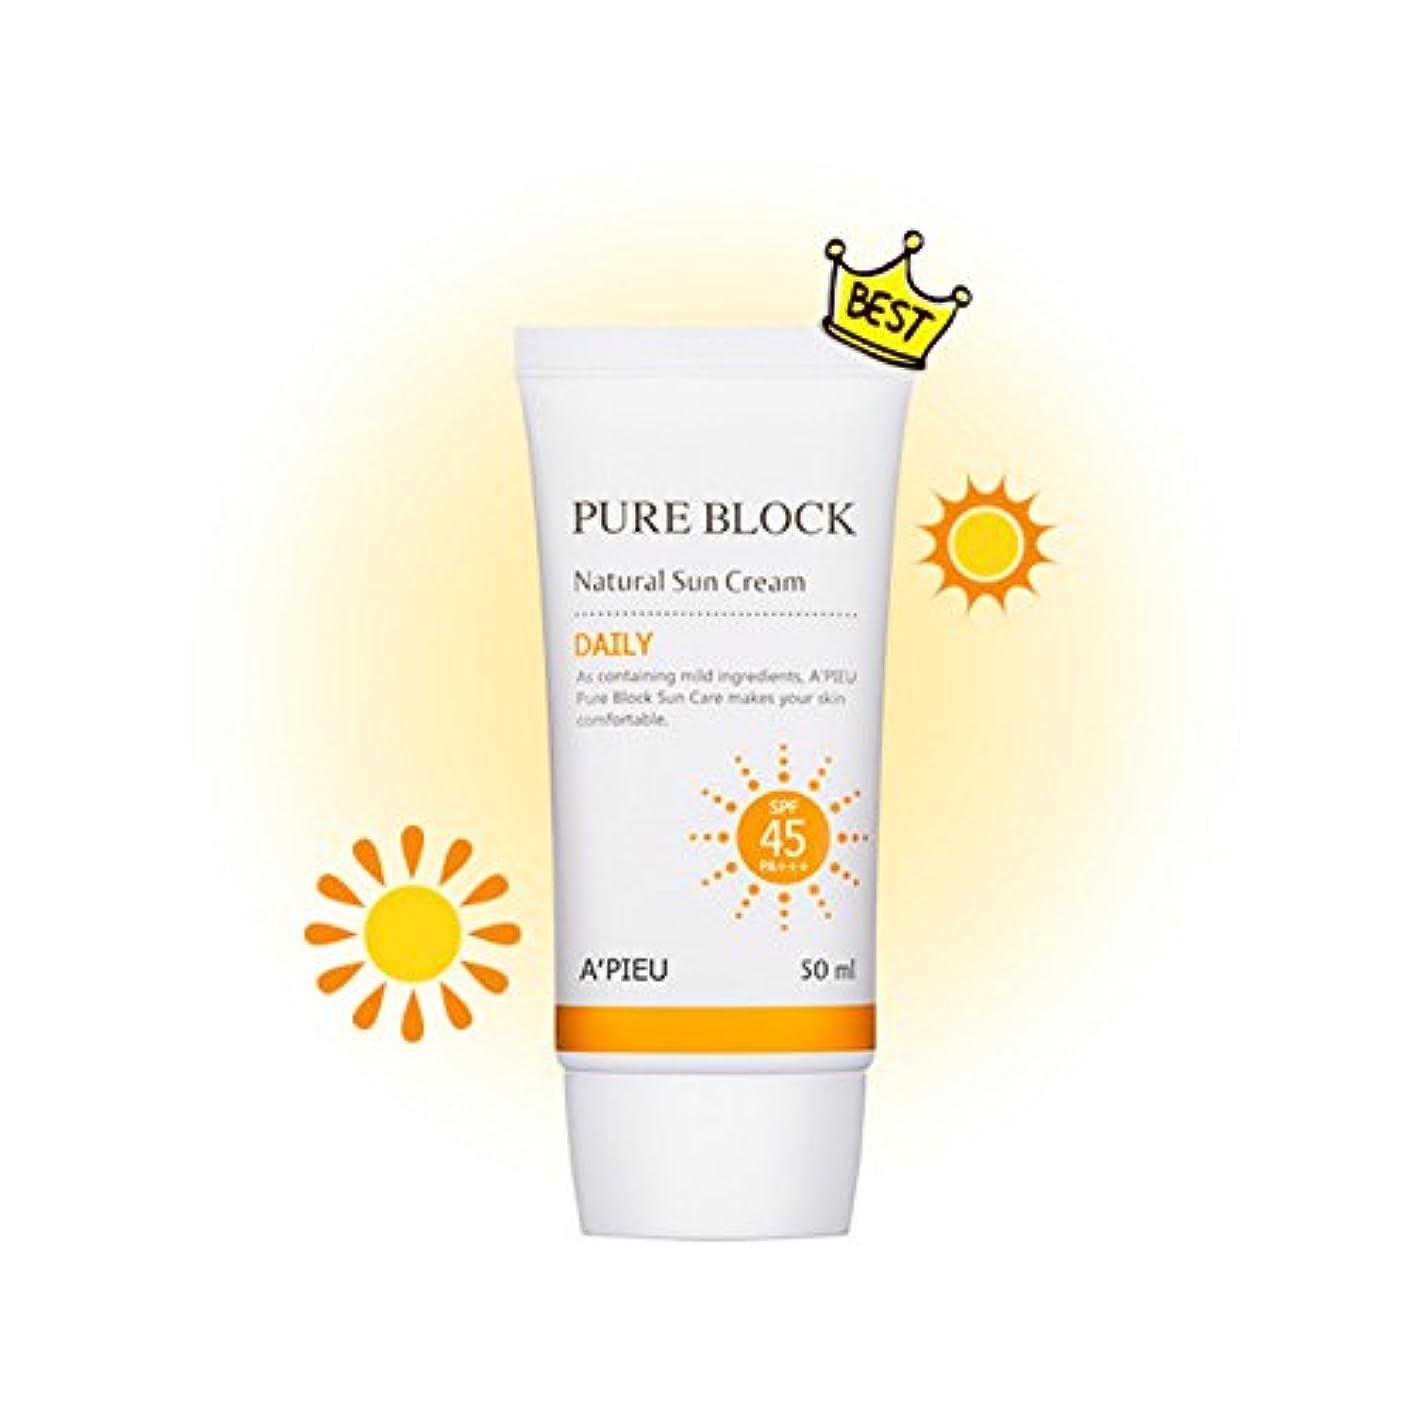 落ち着かないリンク稚魚[オピュ] A'PIEU ピュアブロックナチュラルデイリー日焼け止め Pure Block Natural Daily Sun Cream SPF 45 PA+++ [並行輸入品]